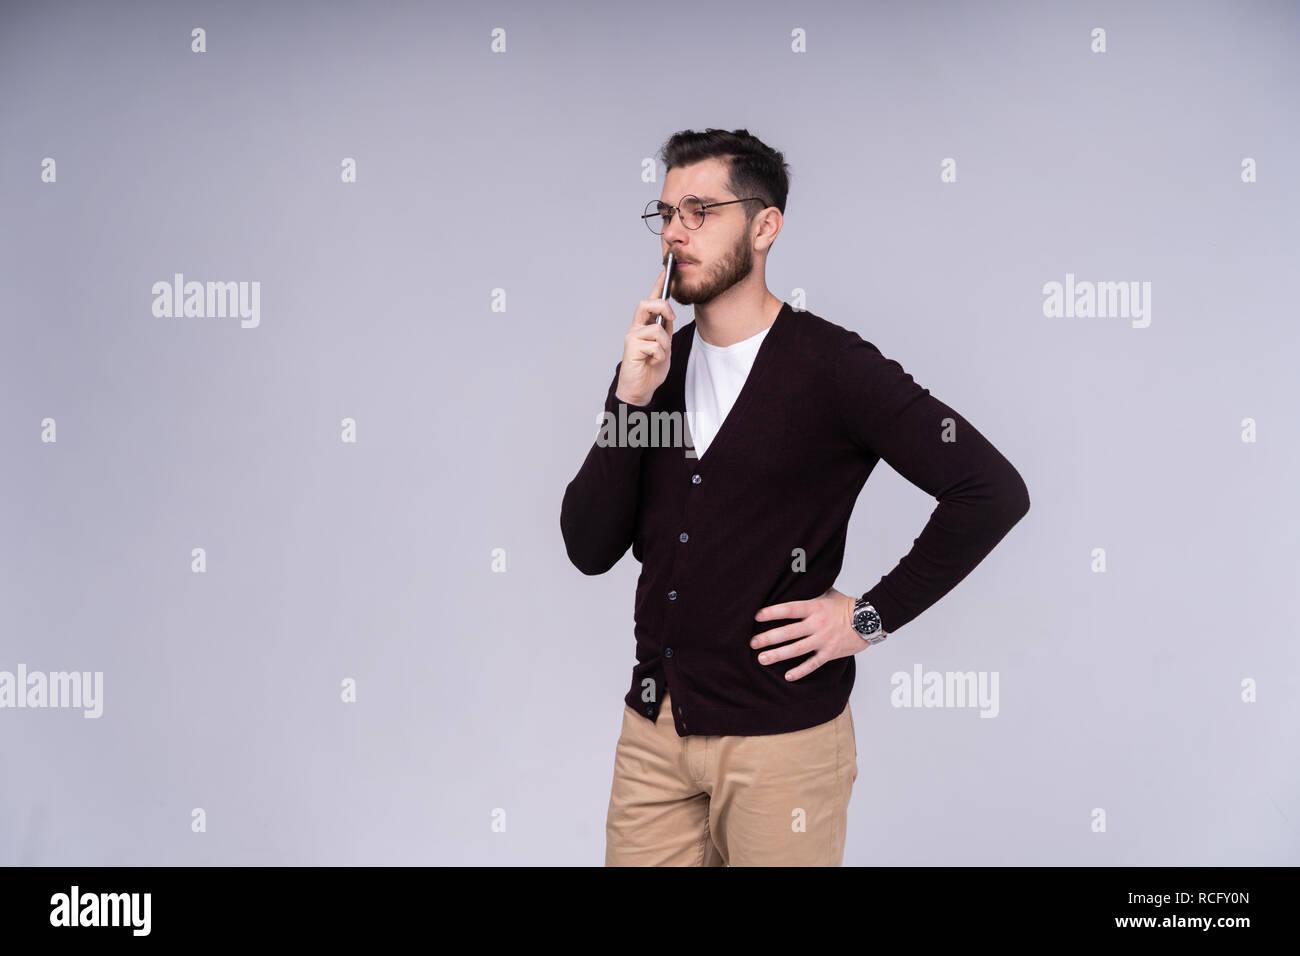 Jeune homme séduisant sur fond gris. Photo Stock